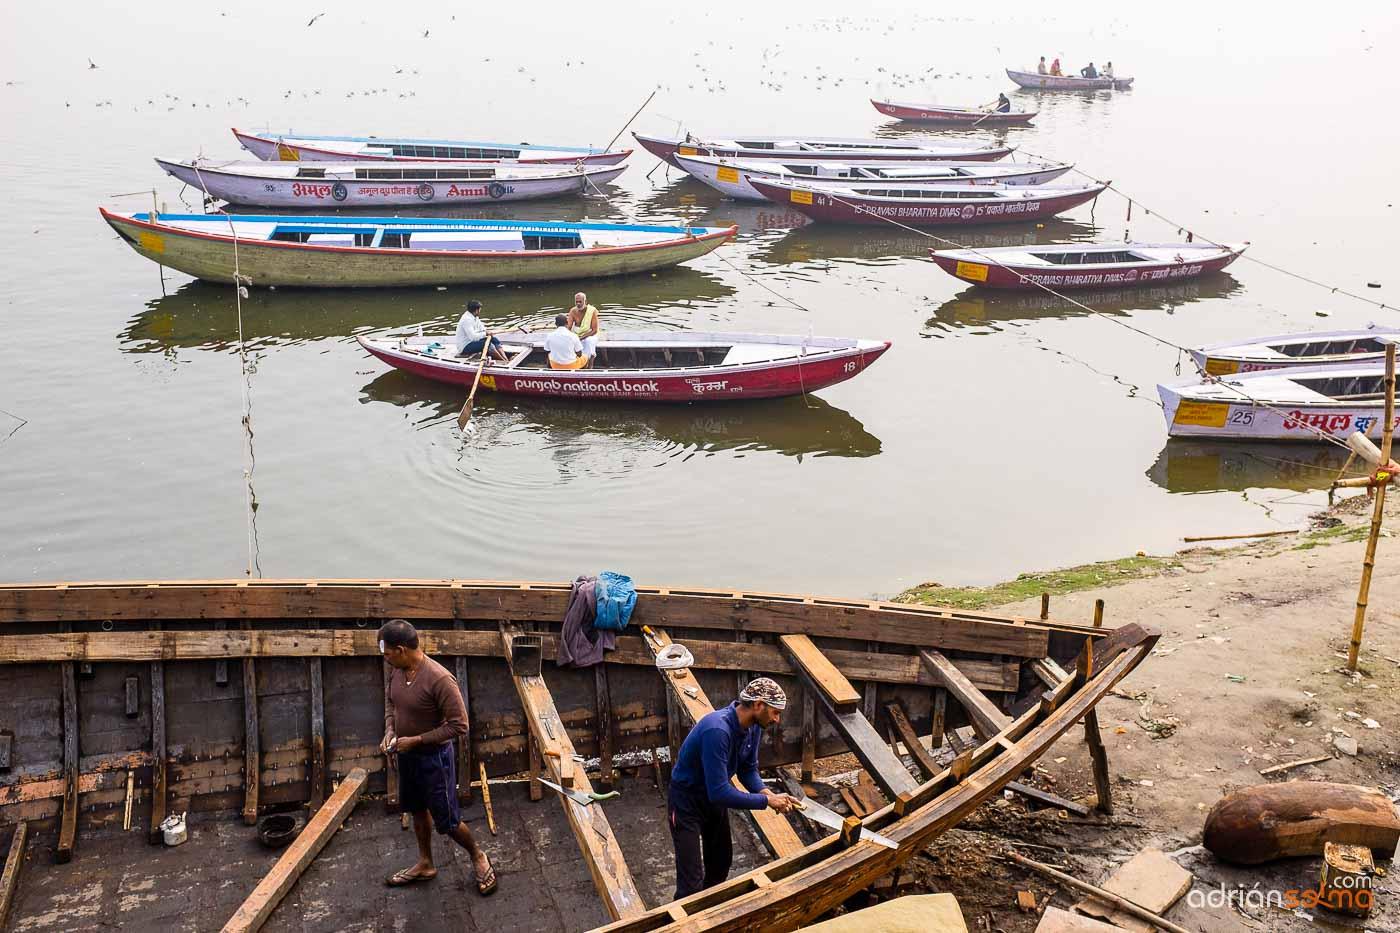 Trabajando en la reconstrucción de barcos. Varanassi